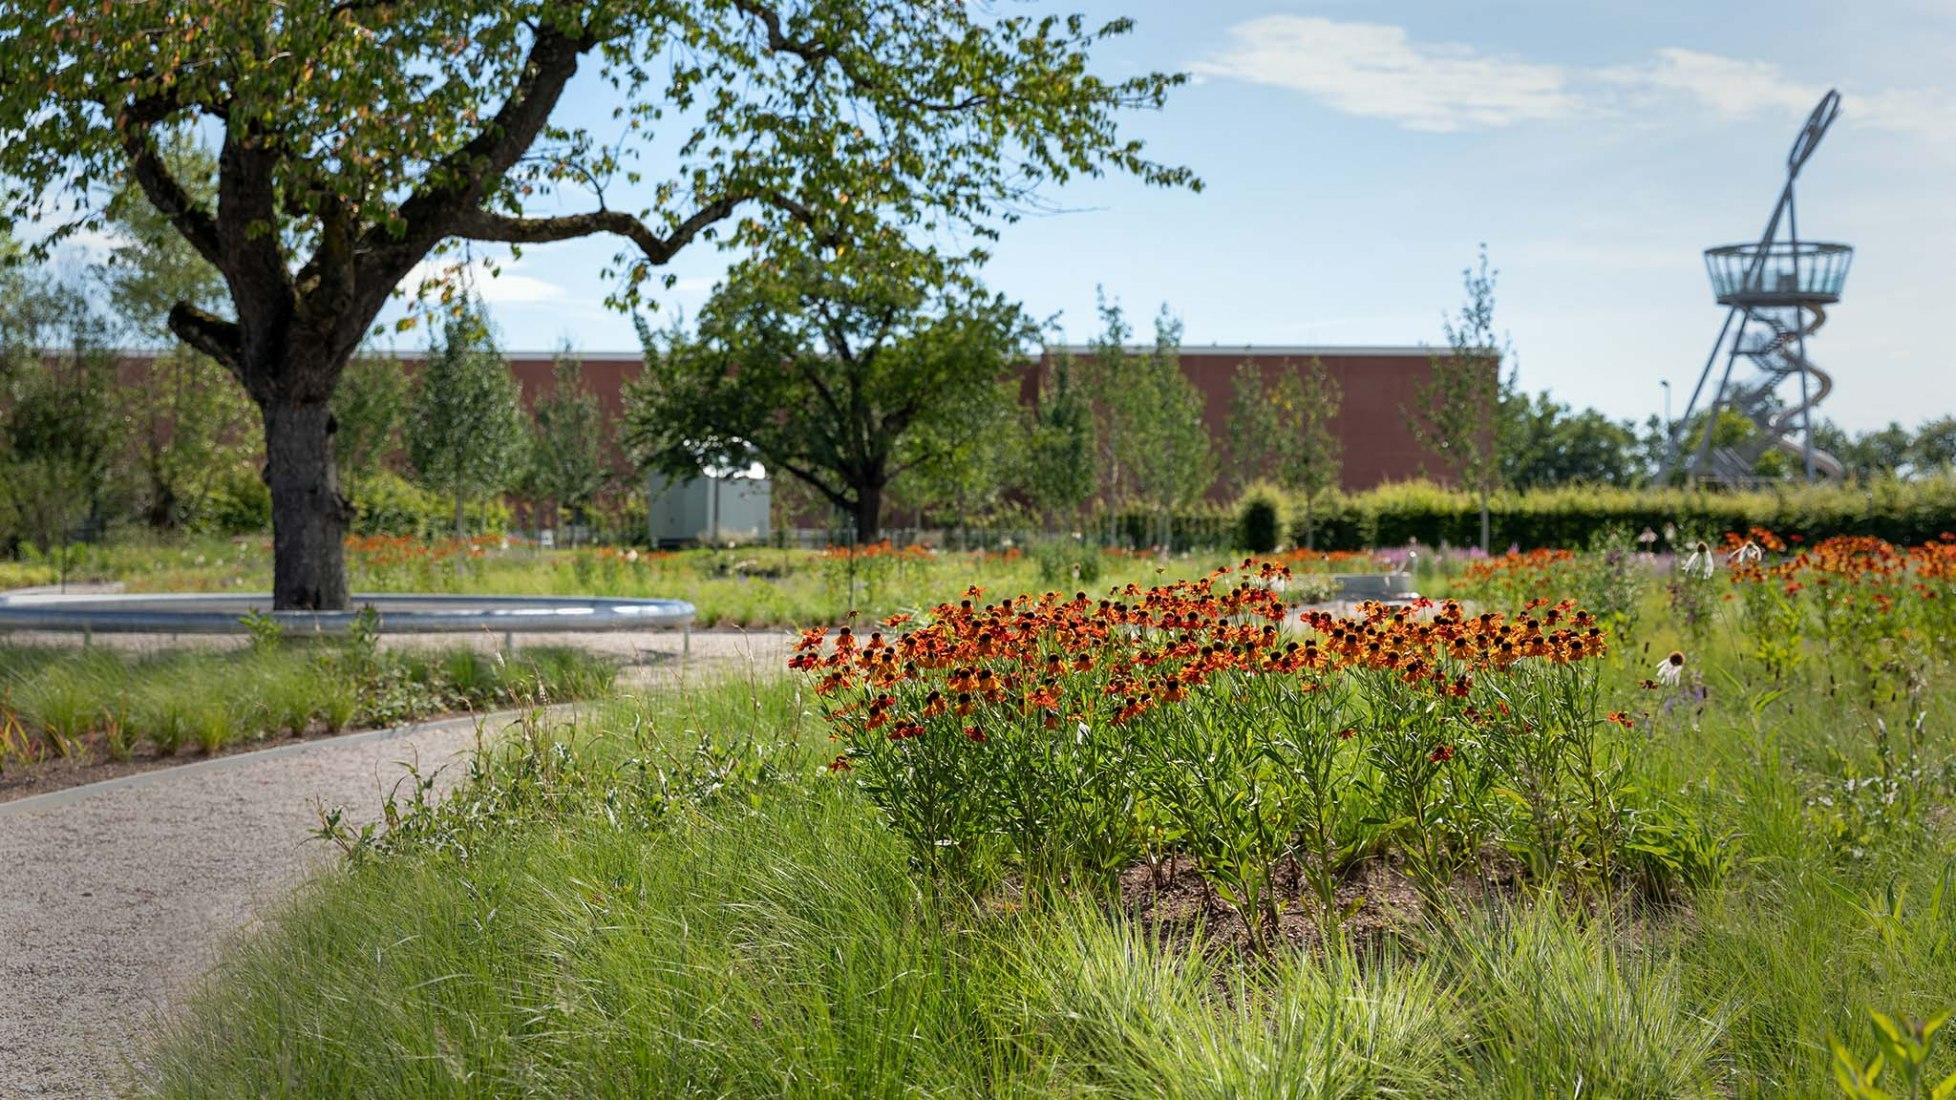 Oudolf Garten diseñado en el Vitra Campus por Piet Oudolf.